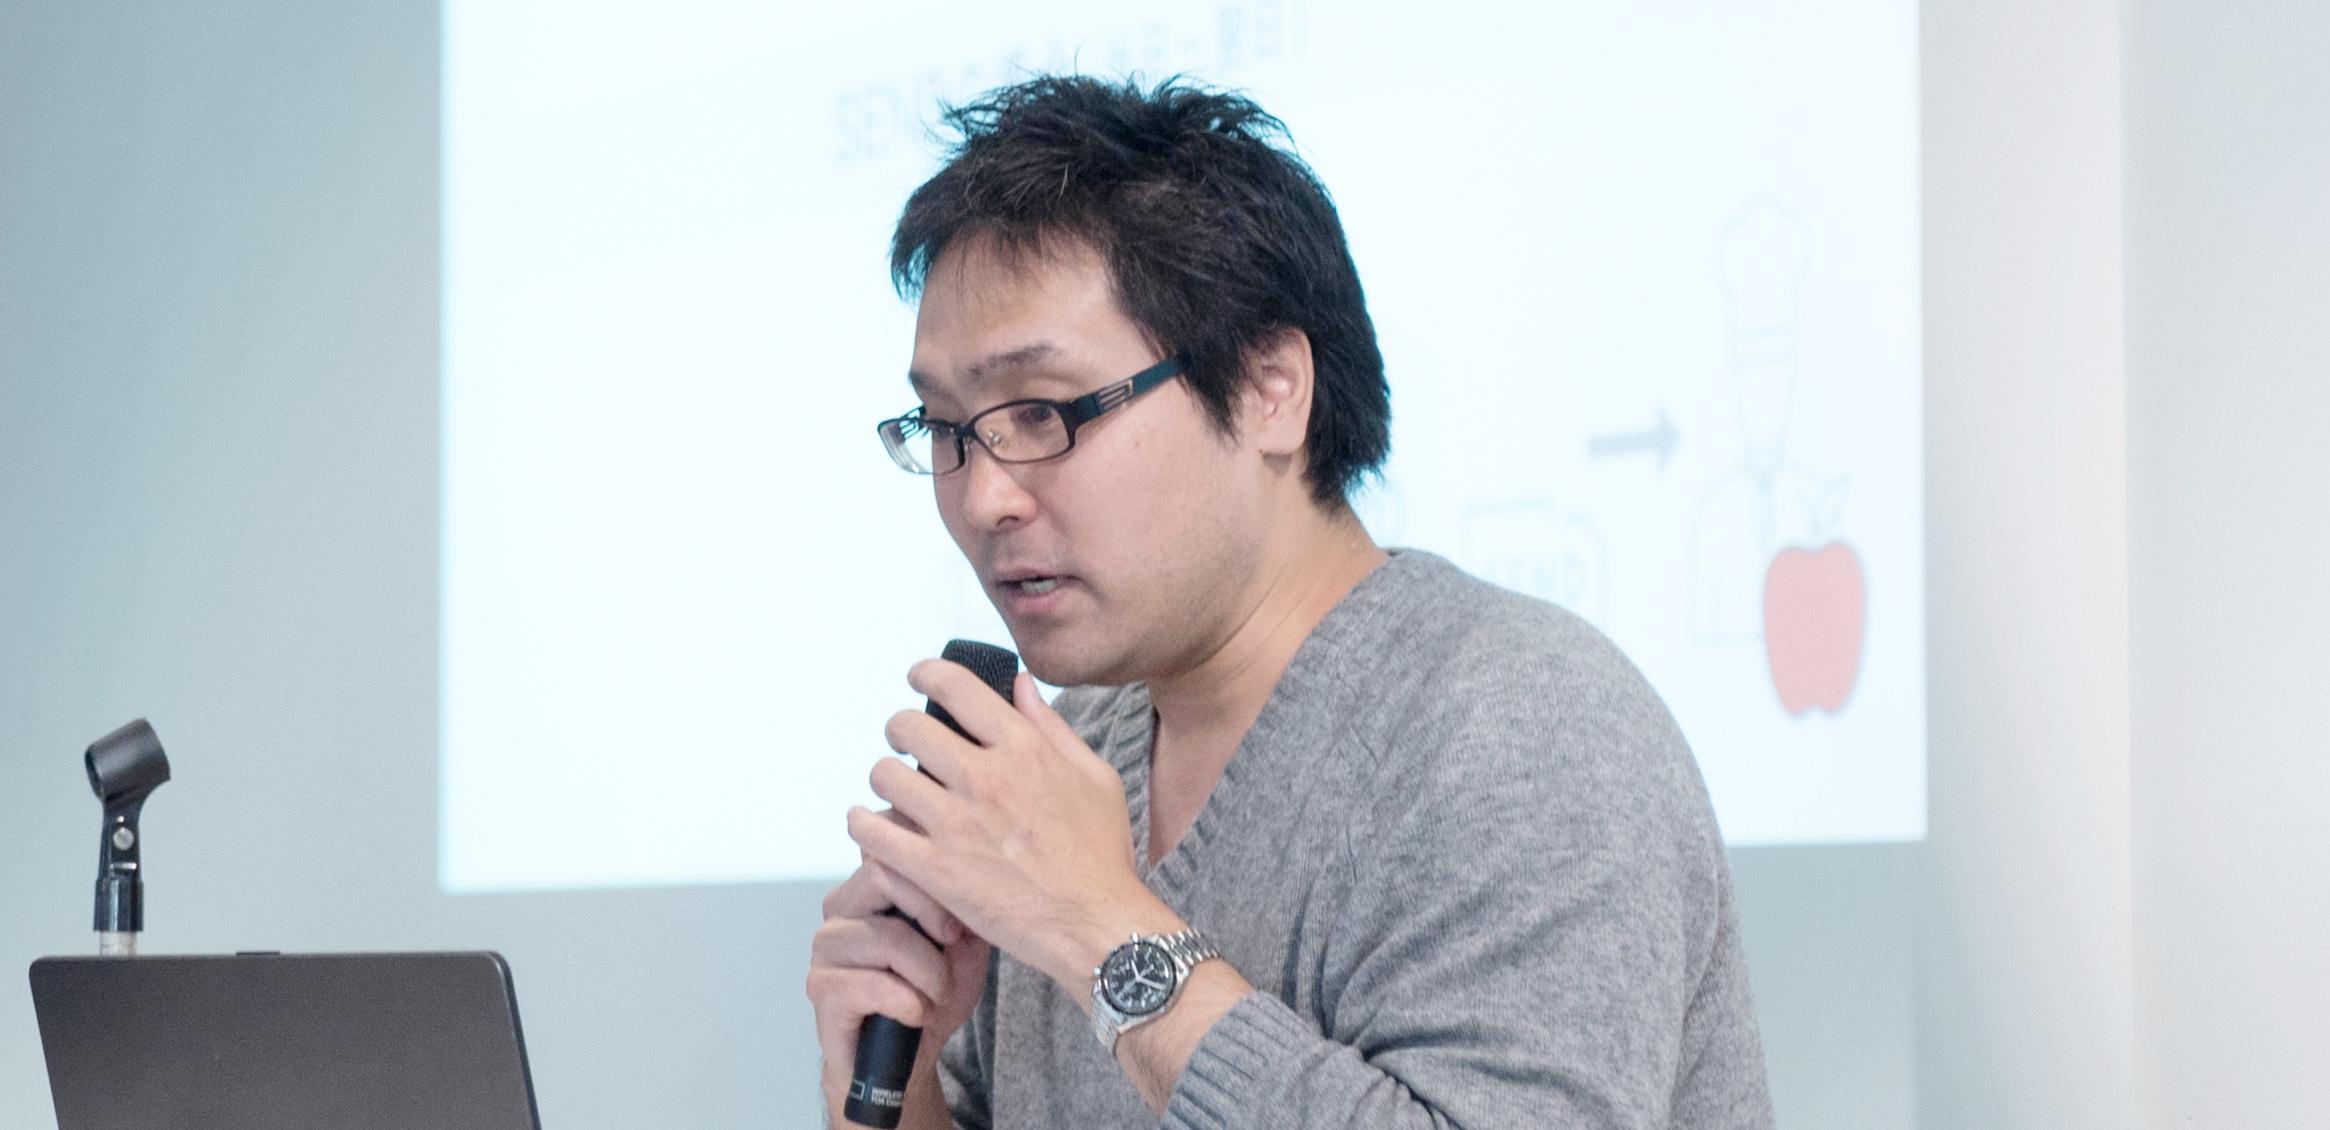 菊池 紳 プラネット・テーブル株式会社創業者